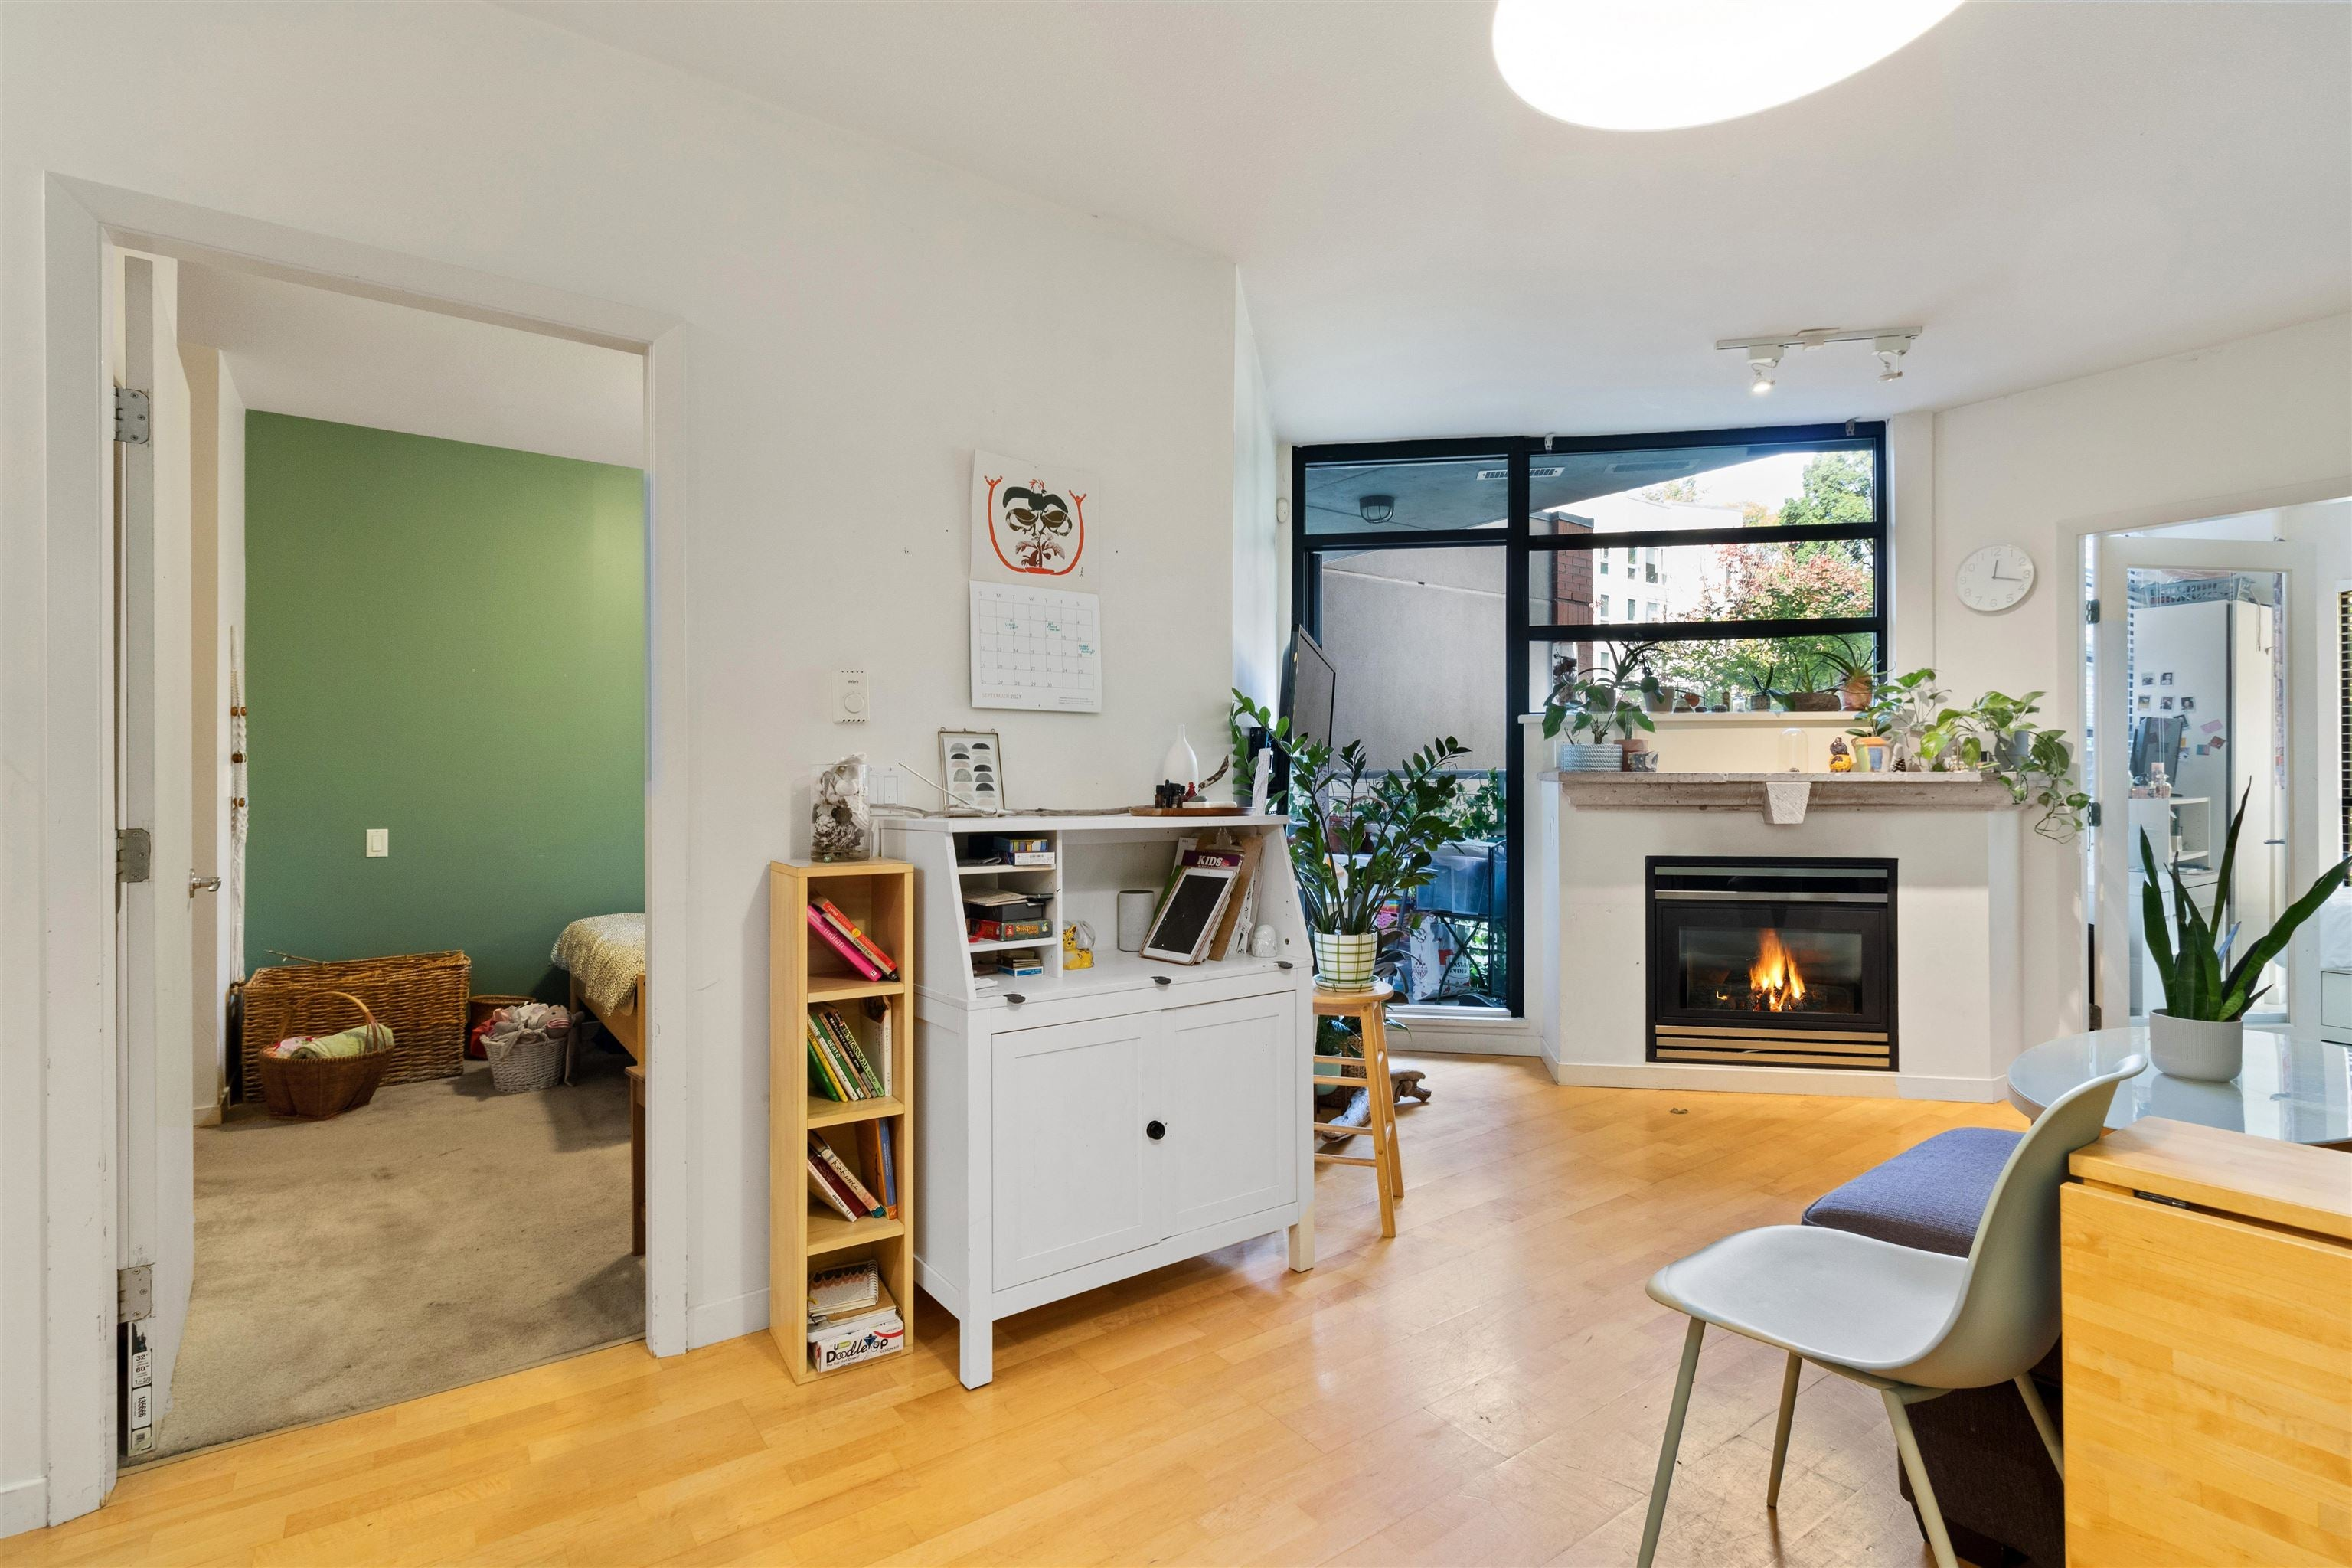 209 2228 MARSTRAND AVENUE - Kitsilano Apartment/Condo for sale, 1 Bedroom (R2617246) - #7